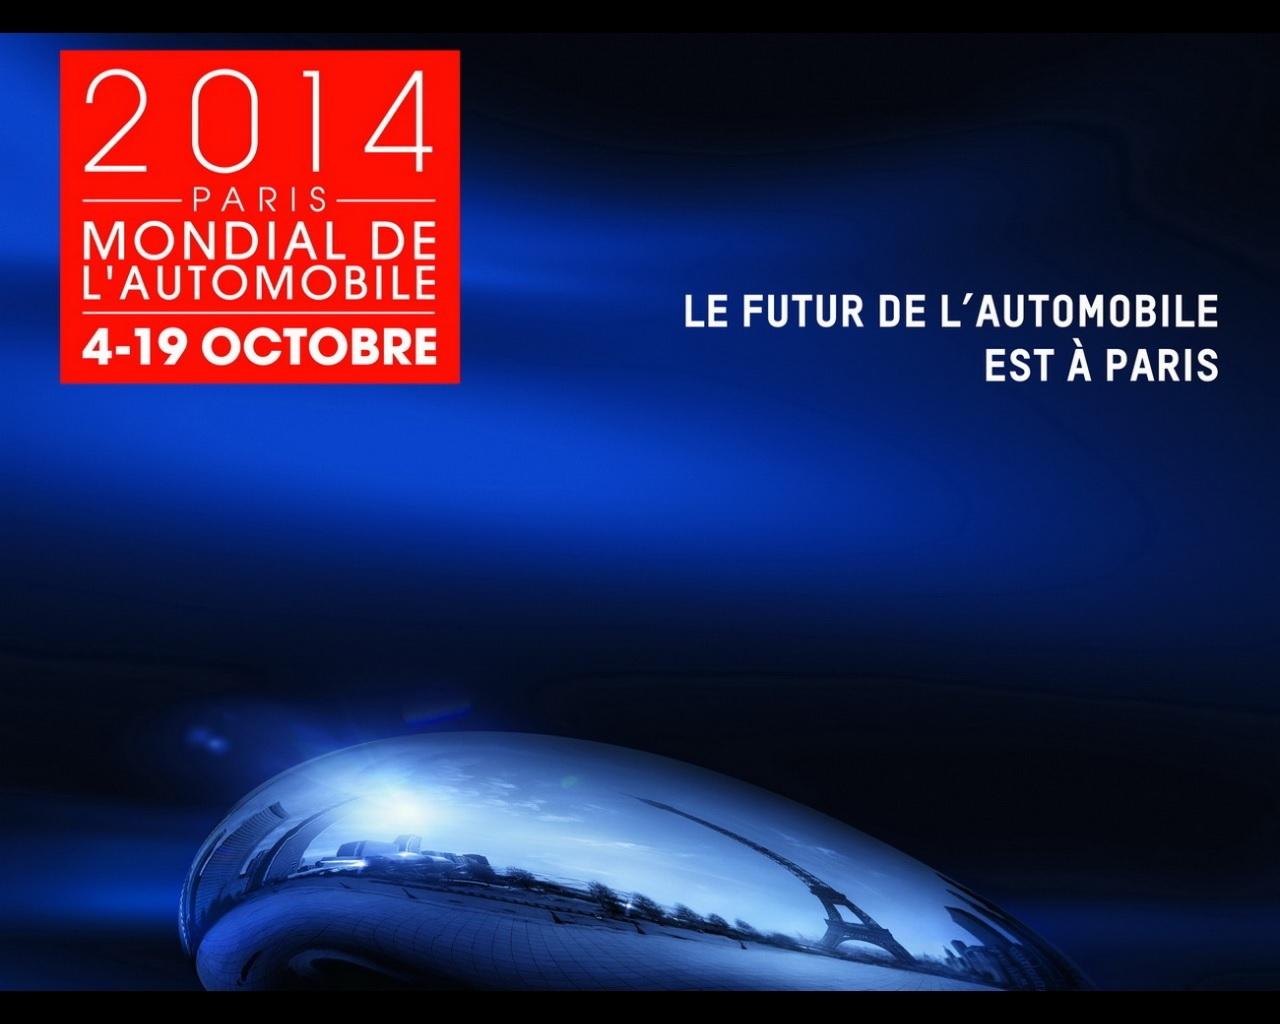 [SALON] Paris - Mondial de l'Automobile 2014 - Page 3 Affiche-mondial-auto-2014-paris